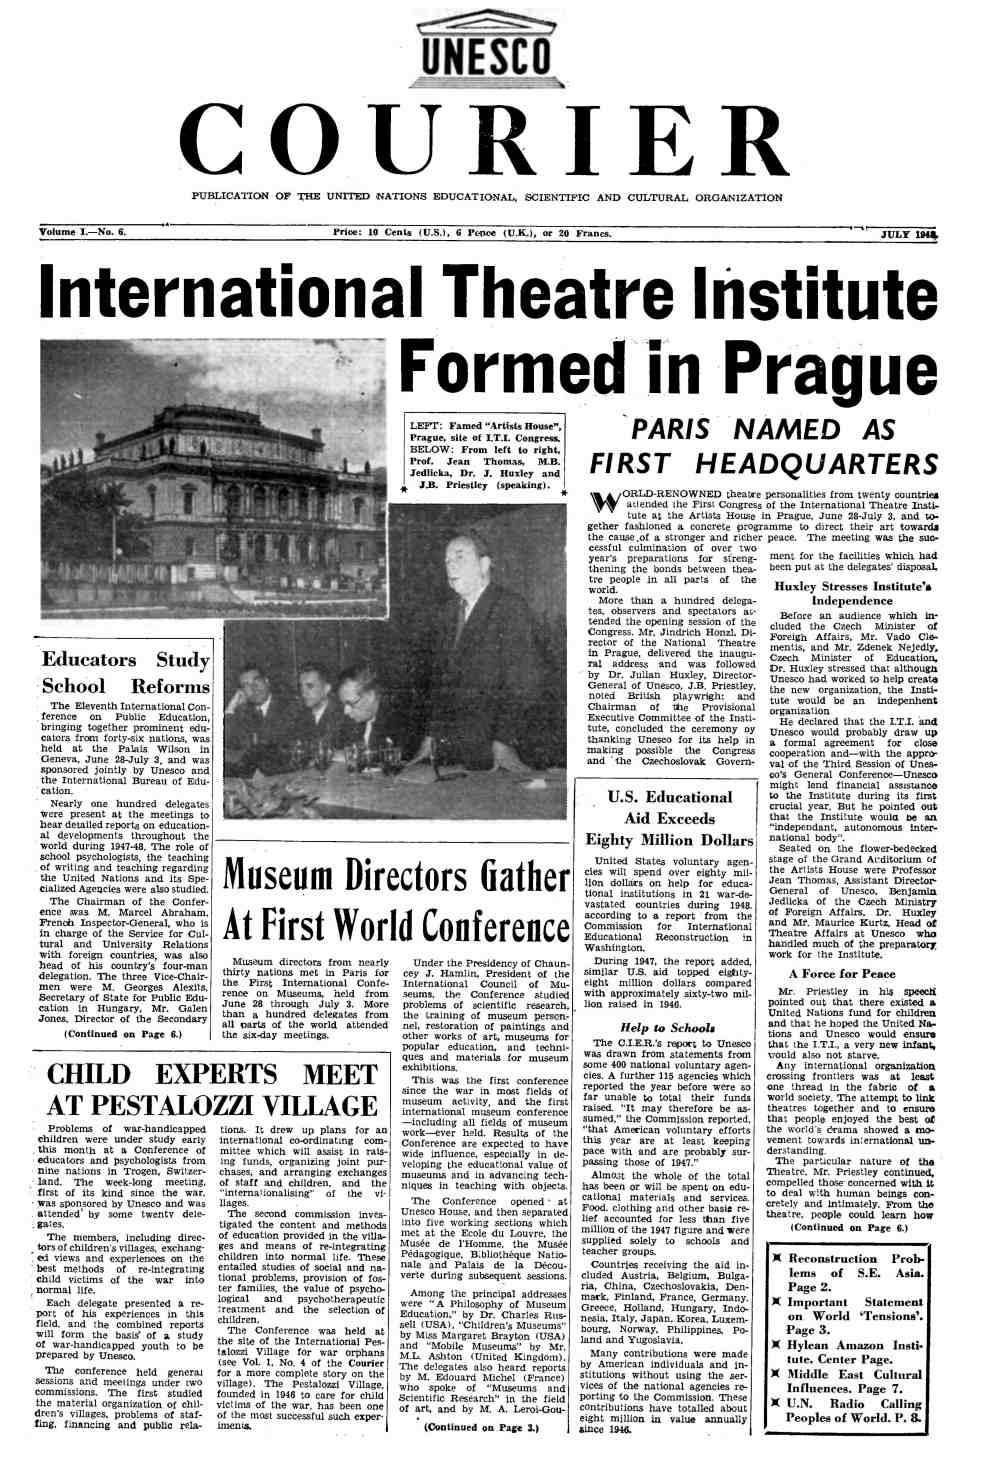 ITI Gründung auf der Titelseite des Courier July 1948, Vol I , No 6